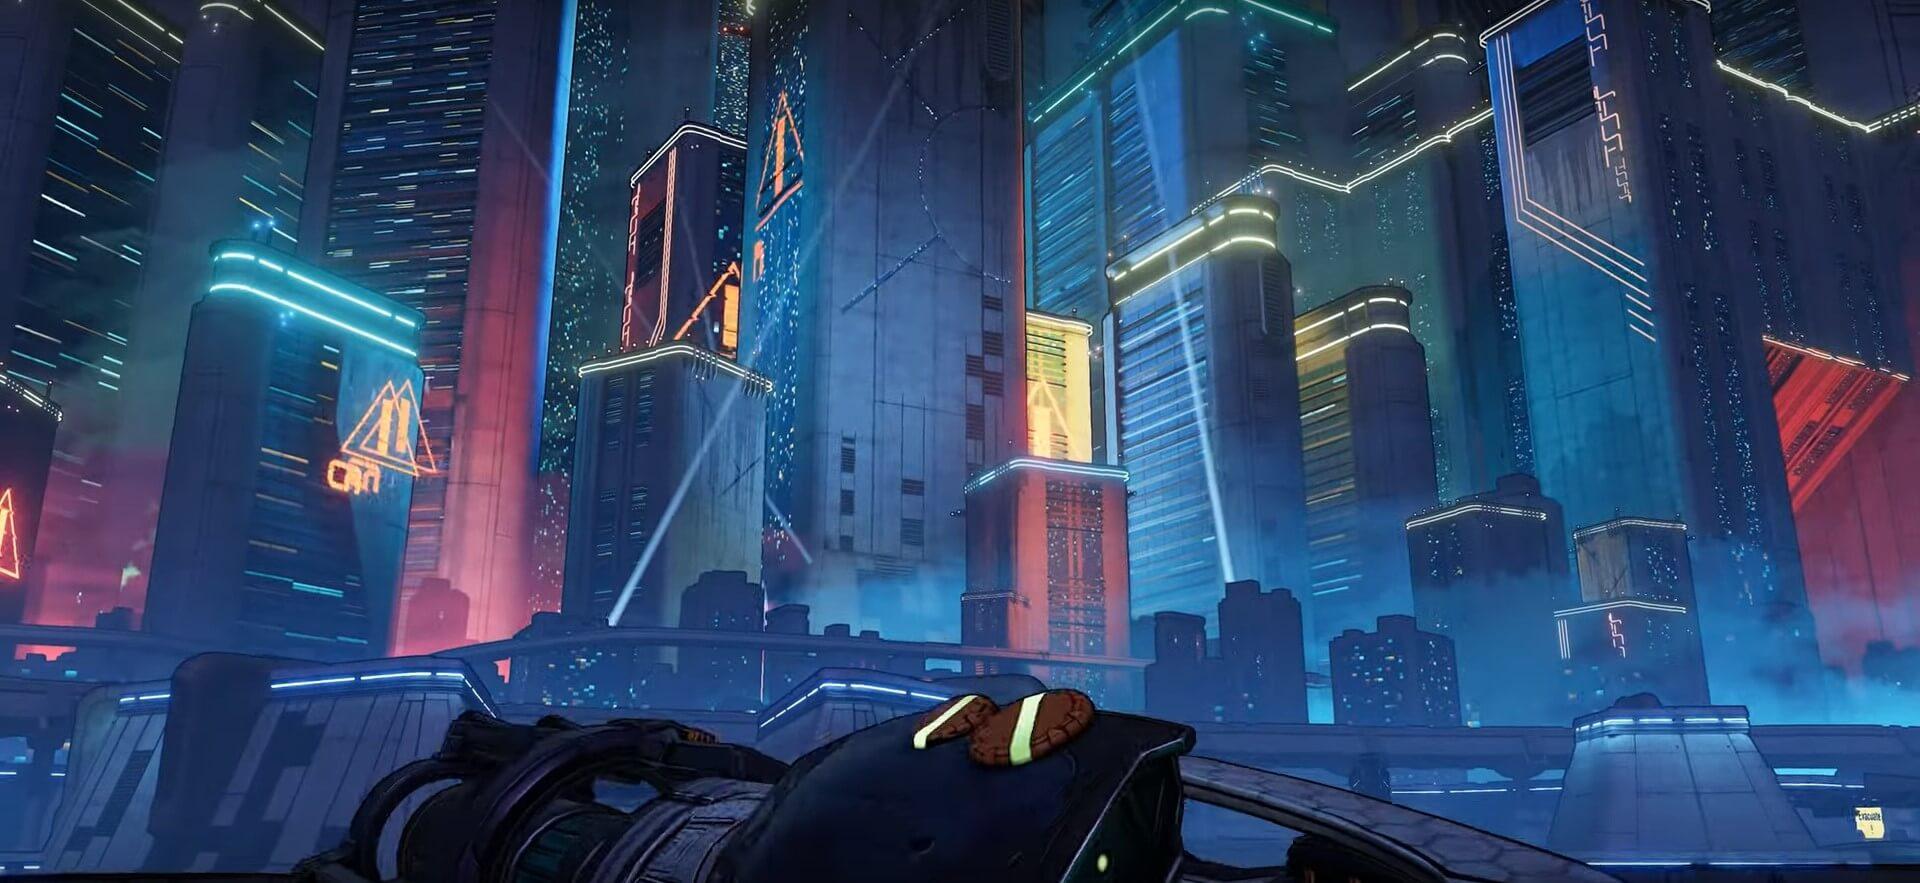 Borderlands 3 neon planet